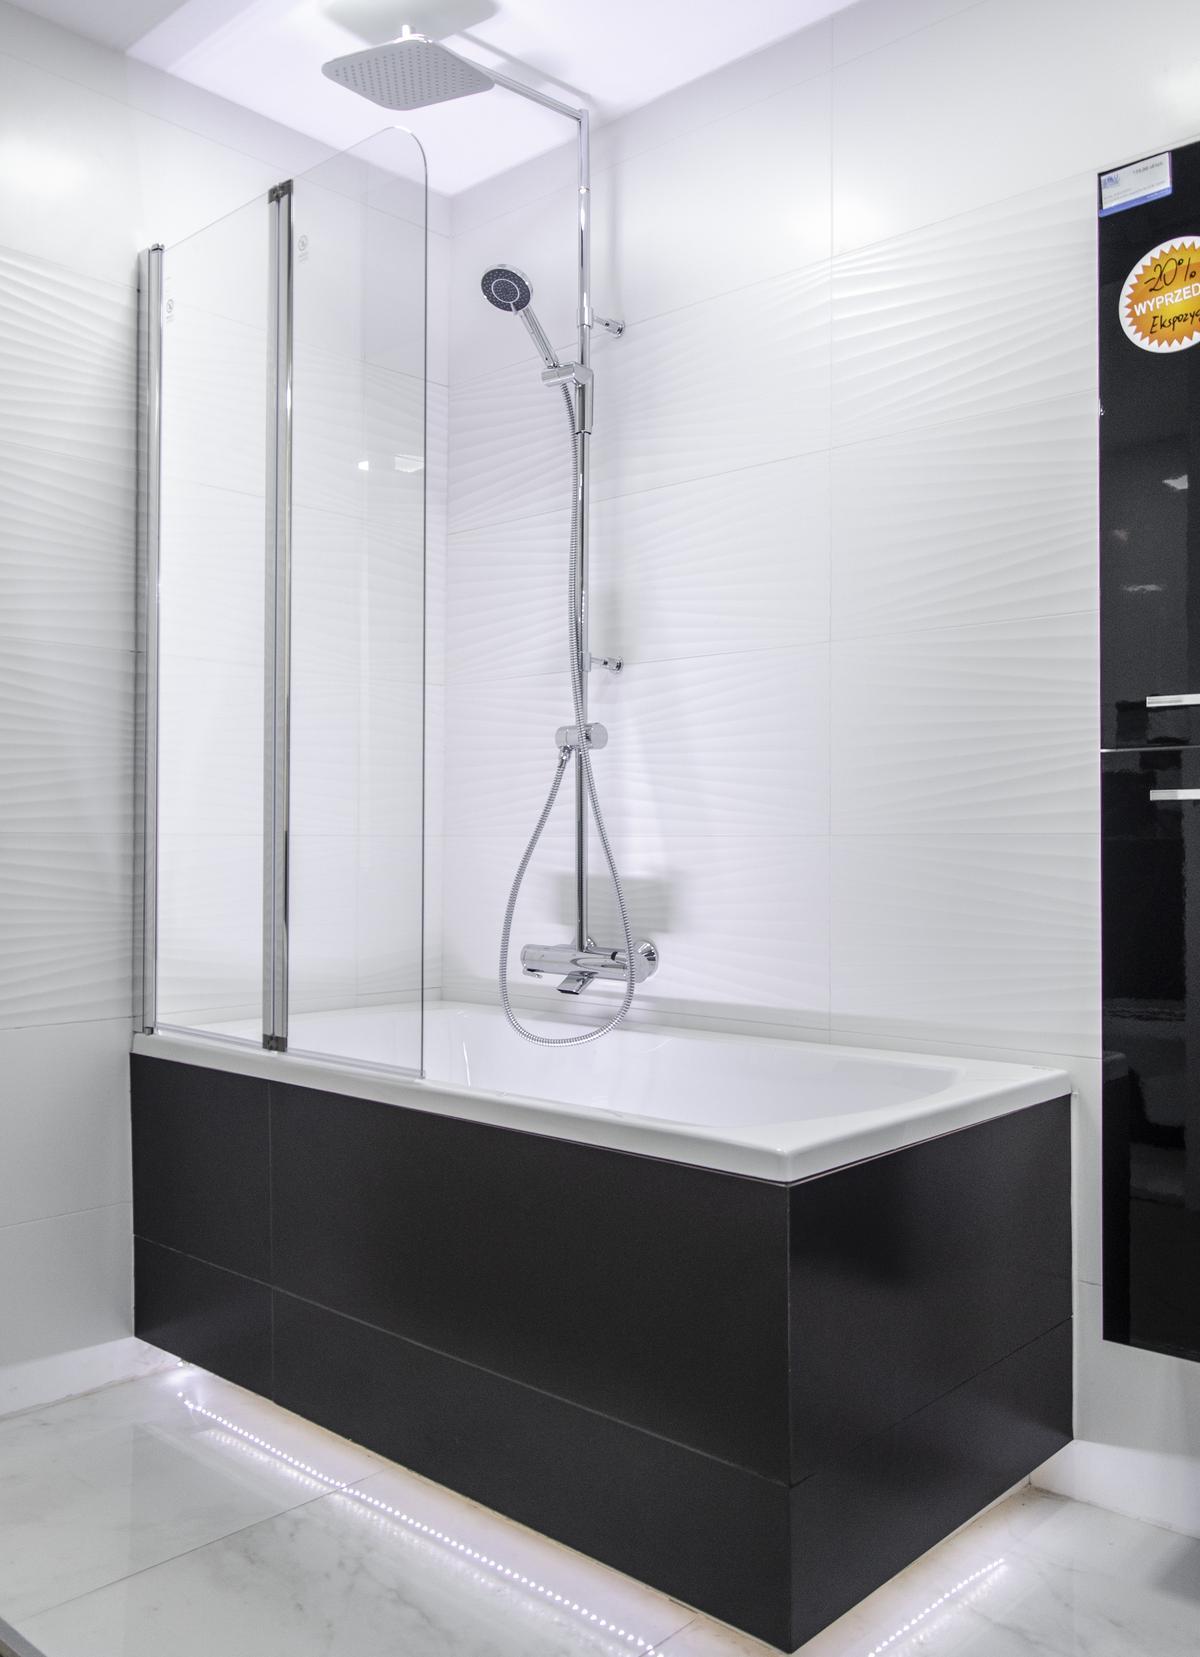 Projekt białej łazienki z wanną w czarnej zabudowie - zdjęcie od BLU salon łazienek Pułtusk